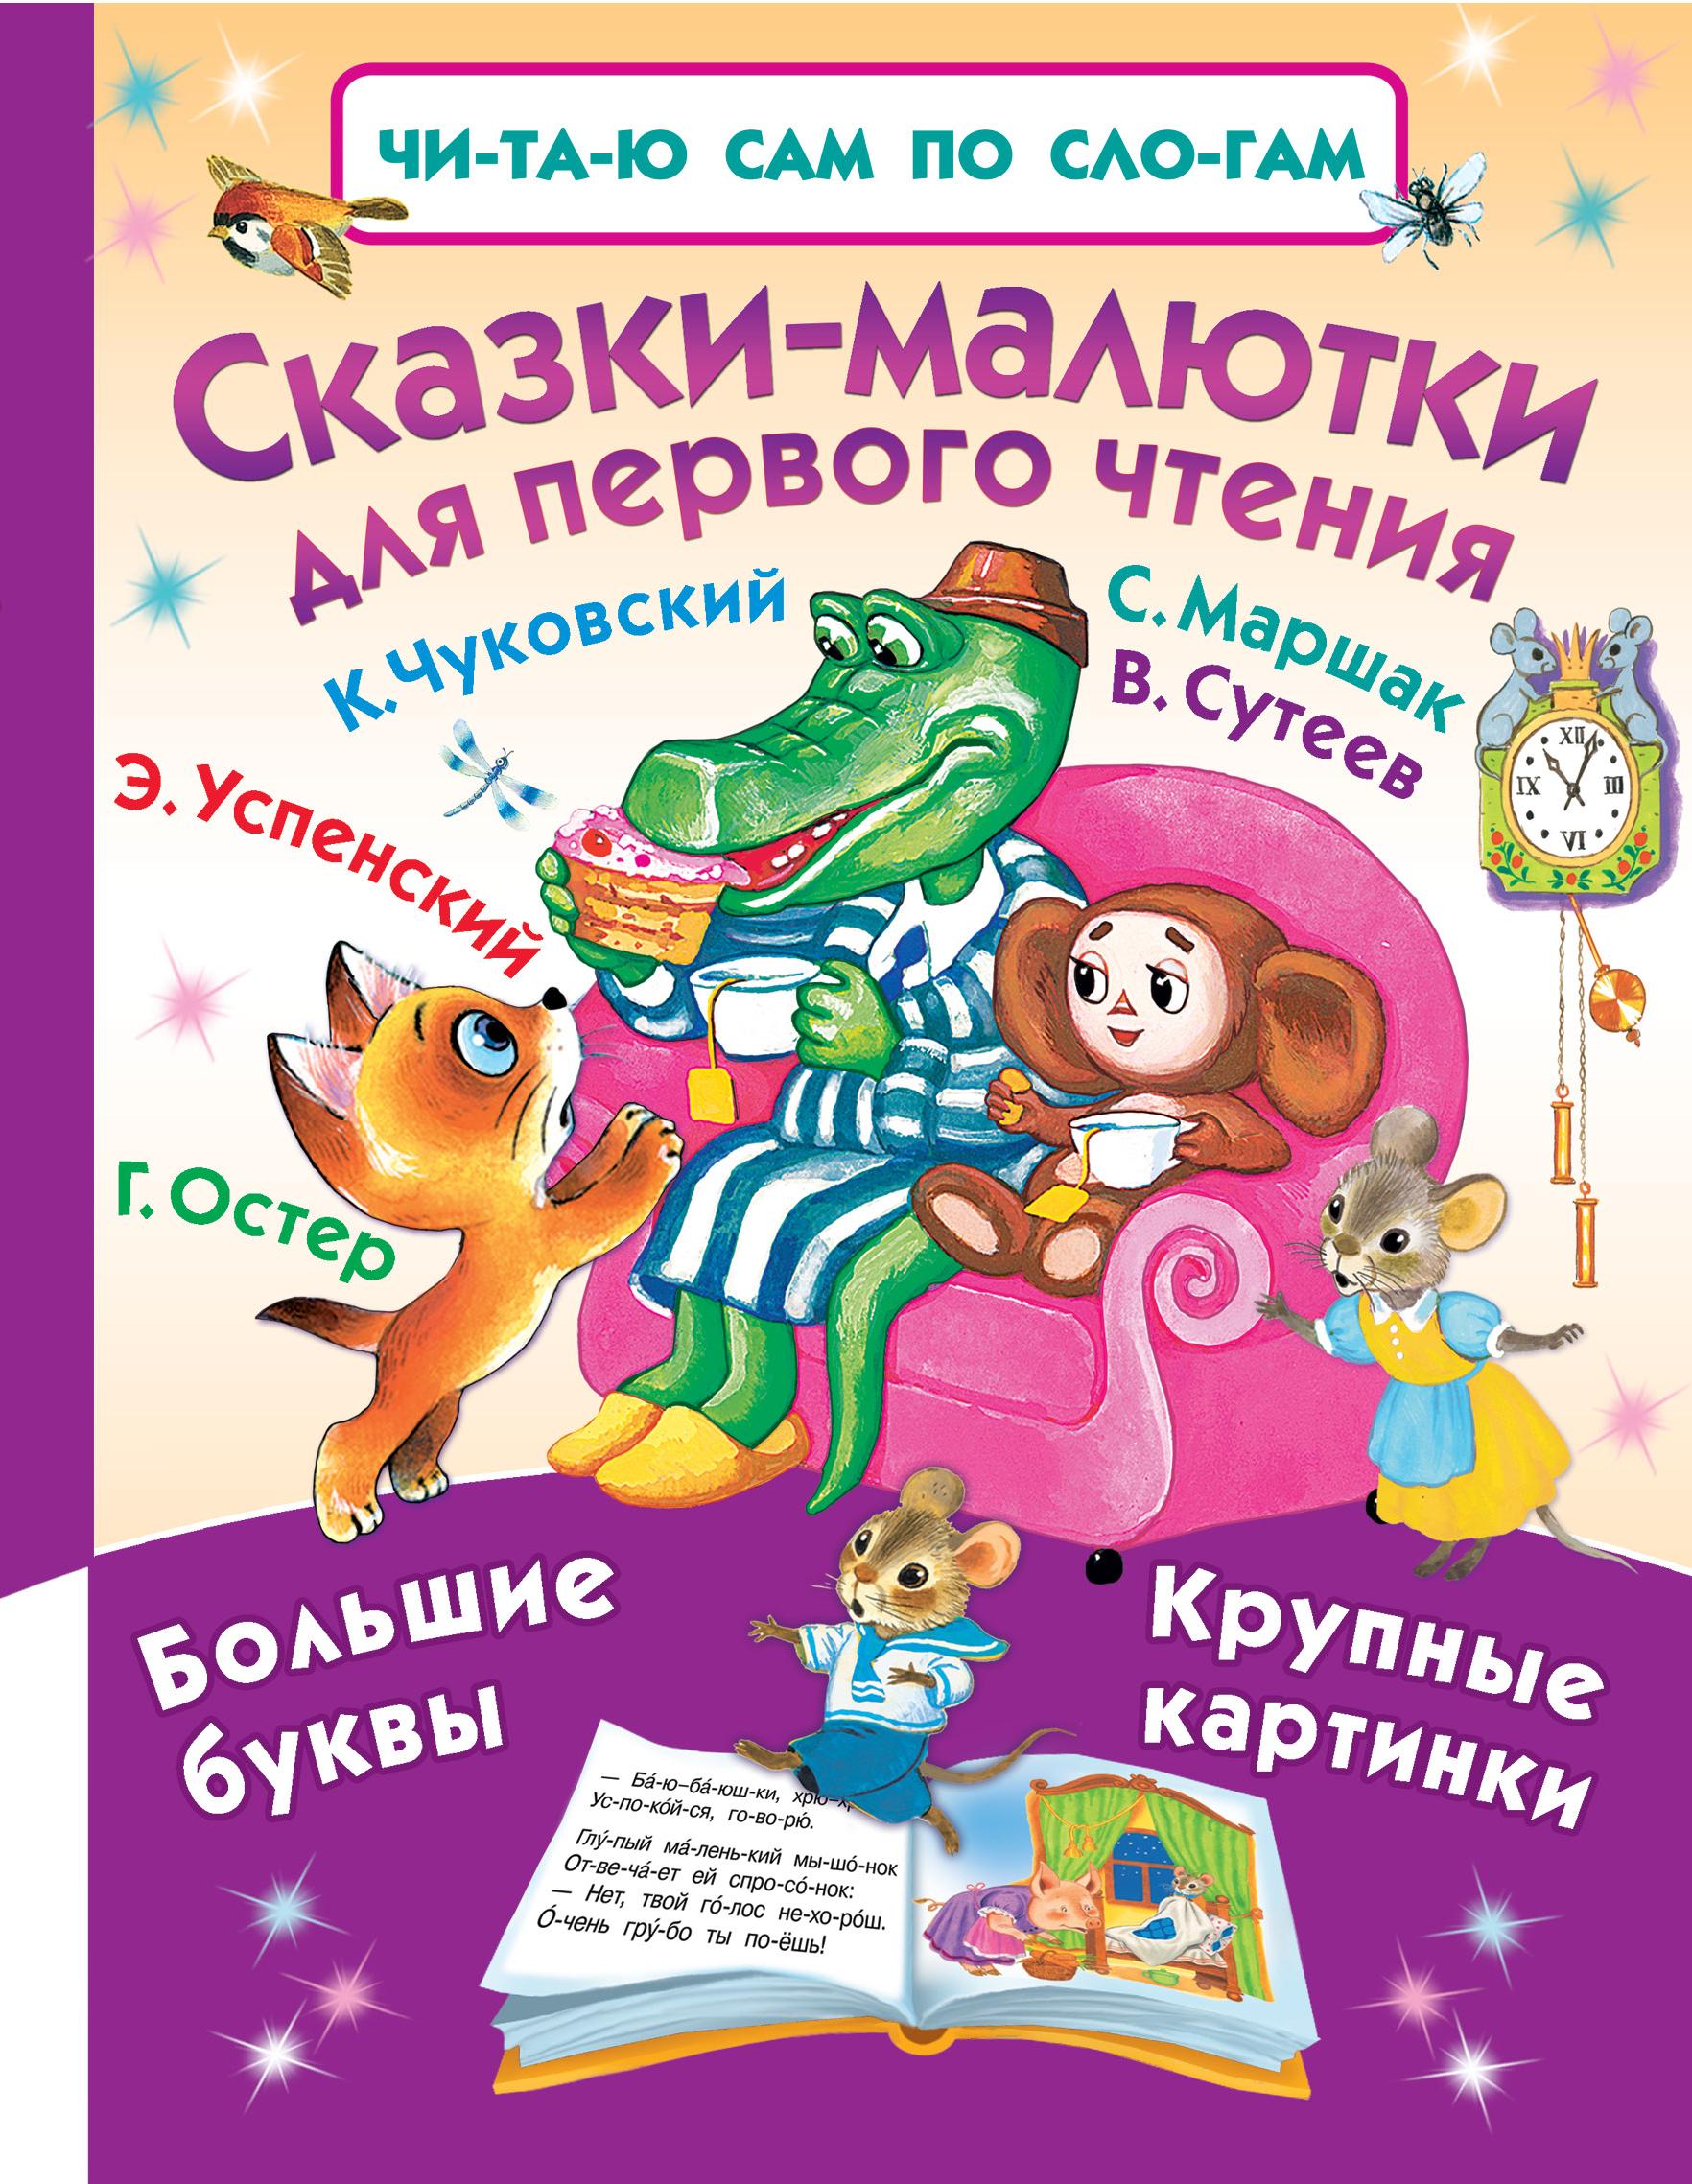 Фото Э. Успенский, Г. Остер, К. Чуковский, С. Маршак Сказки-малютки для первого чтения. Купить  в РФ